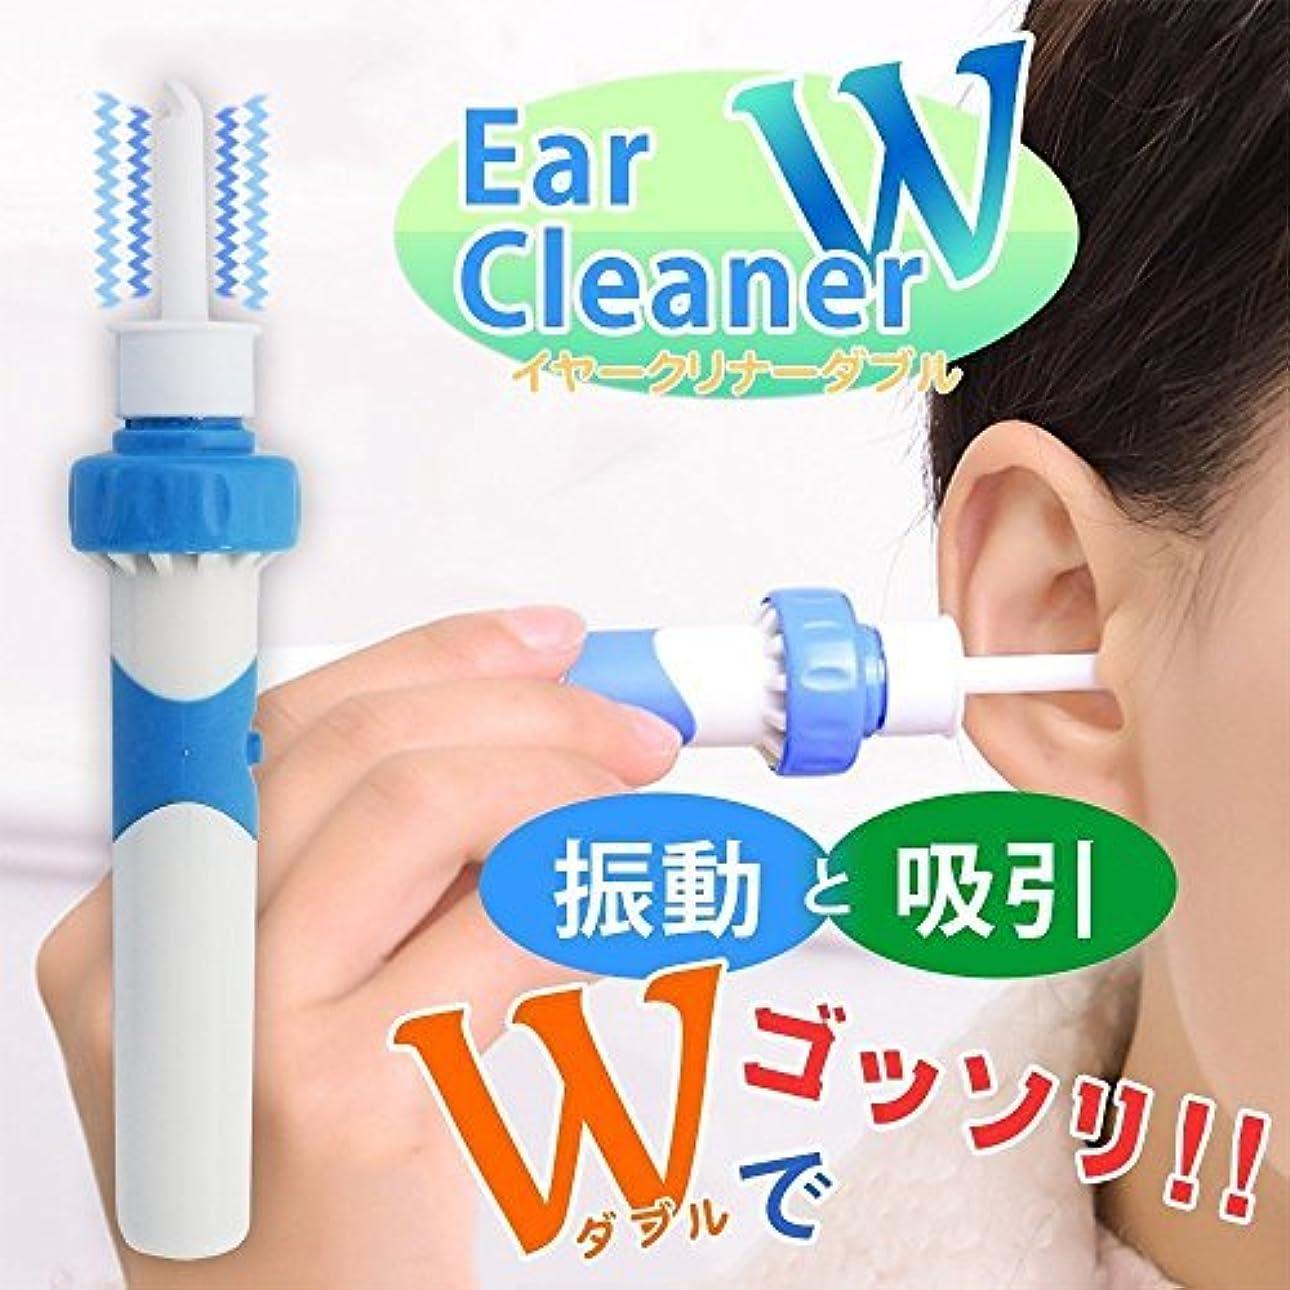 成功スキニー腐敗したCHUI FEN 耳掃除機 電動耳掃除 耳クリーナー 耳掃除 みみそうじ 耳垢 吸引 耳あか吸引